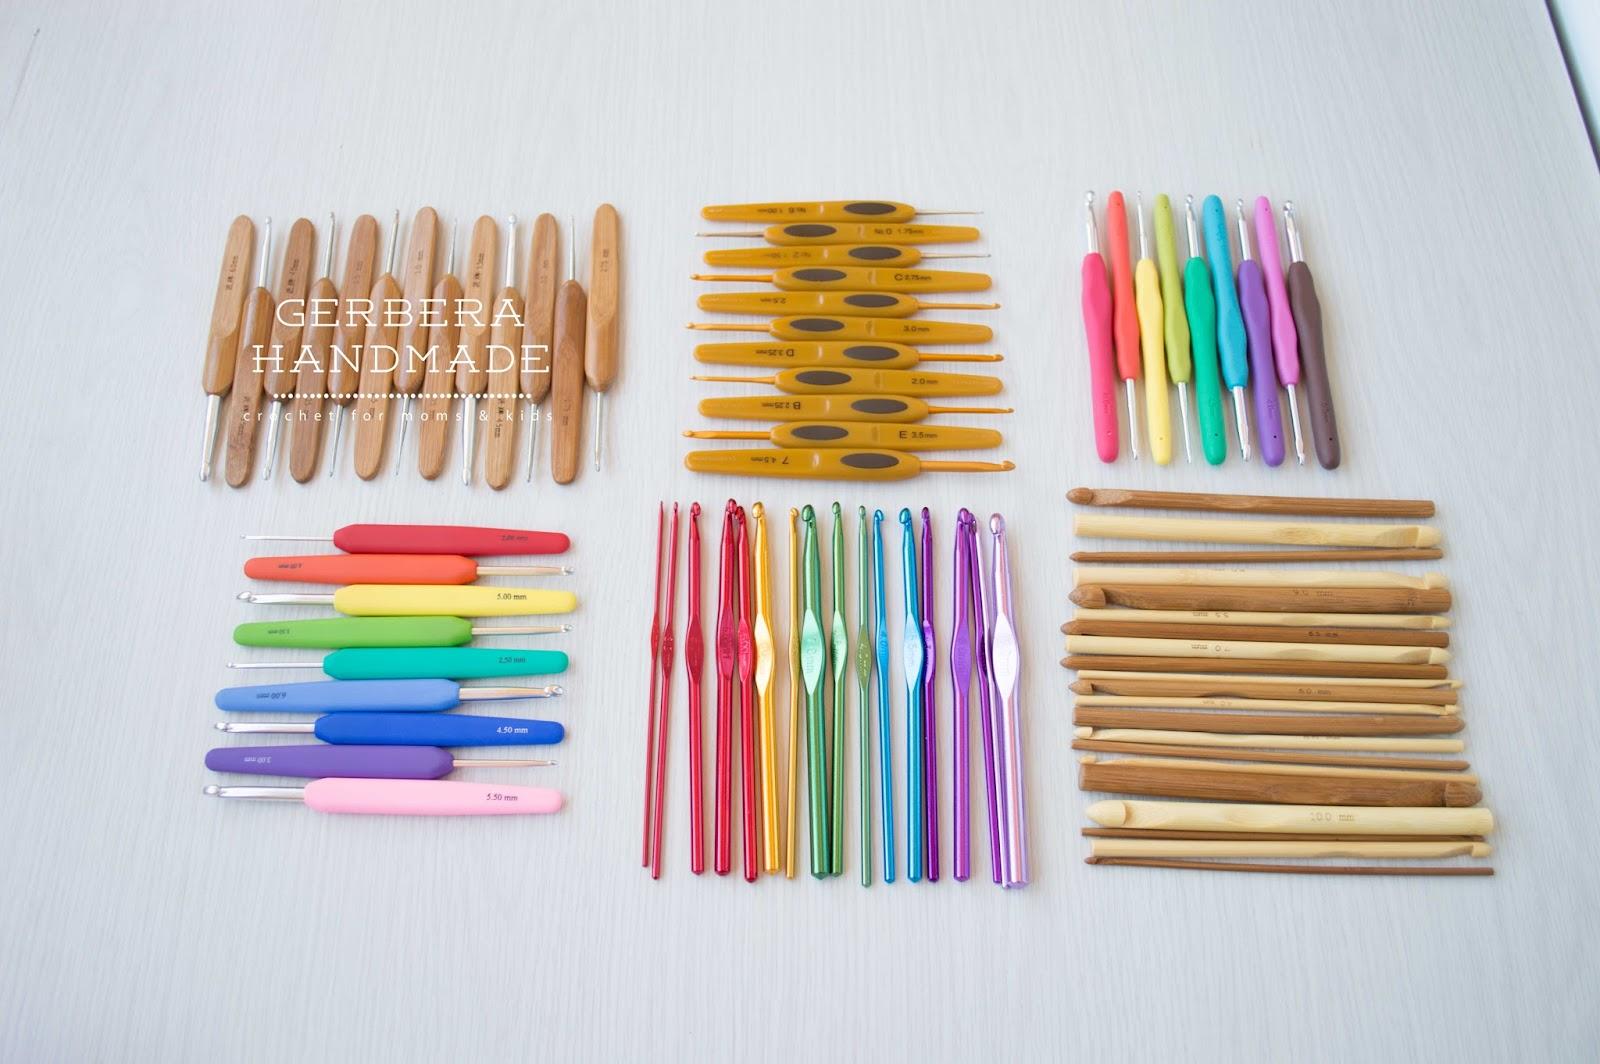 крючки Кловер, китайские крючки, Clover, Clover Hooks,Knit Pro, Knip Pro hooks, addi hooks, addi, bamboo hooks, hook stash, hook set, rainbow hook, крючки Книт про, крючки адди